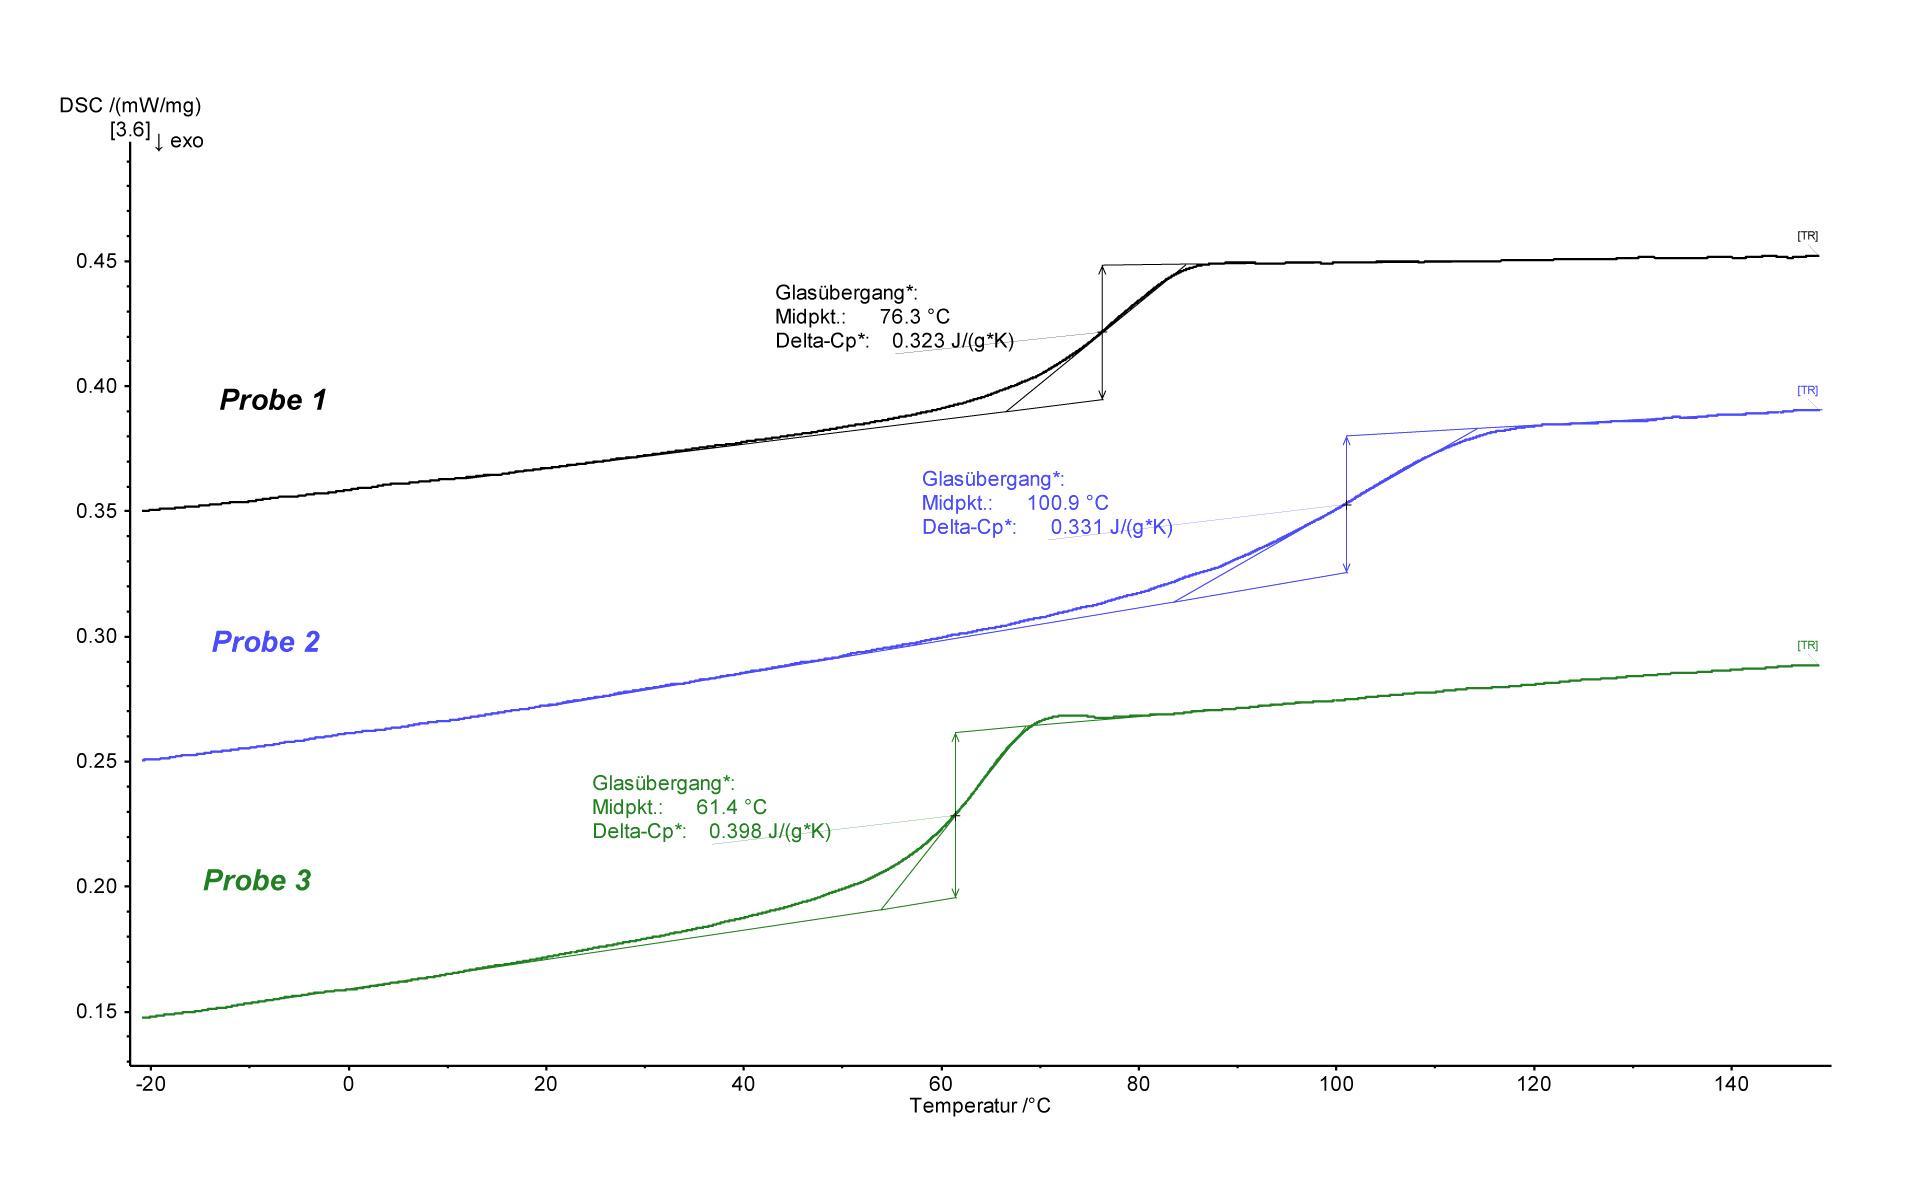 Die Grafik beschreibt die Veränderung der Lacke aufgrund der Temperaturerhöhung.